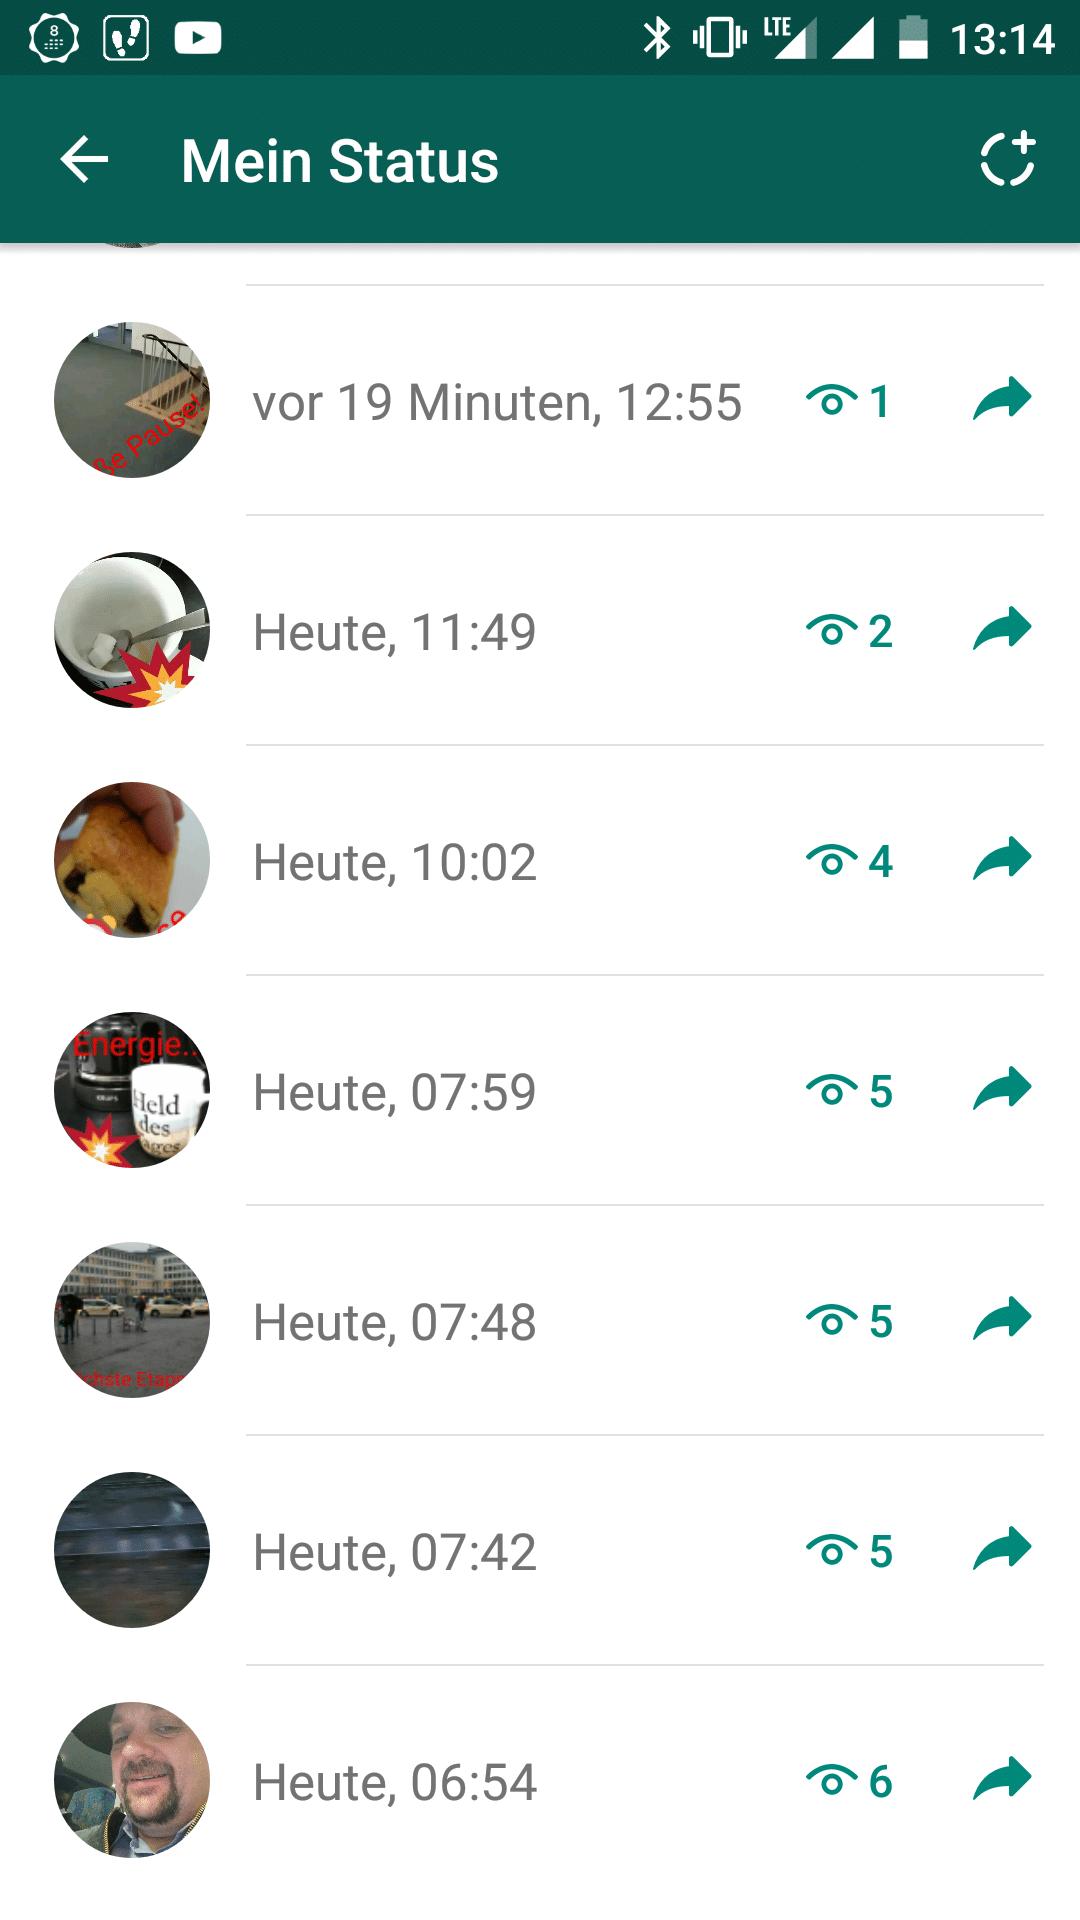 WhatsApp Stories: Der neue Status ist eine 1:1-Kopie der Snapchat Stories